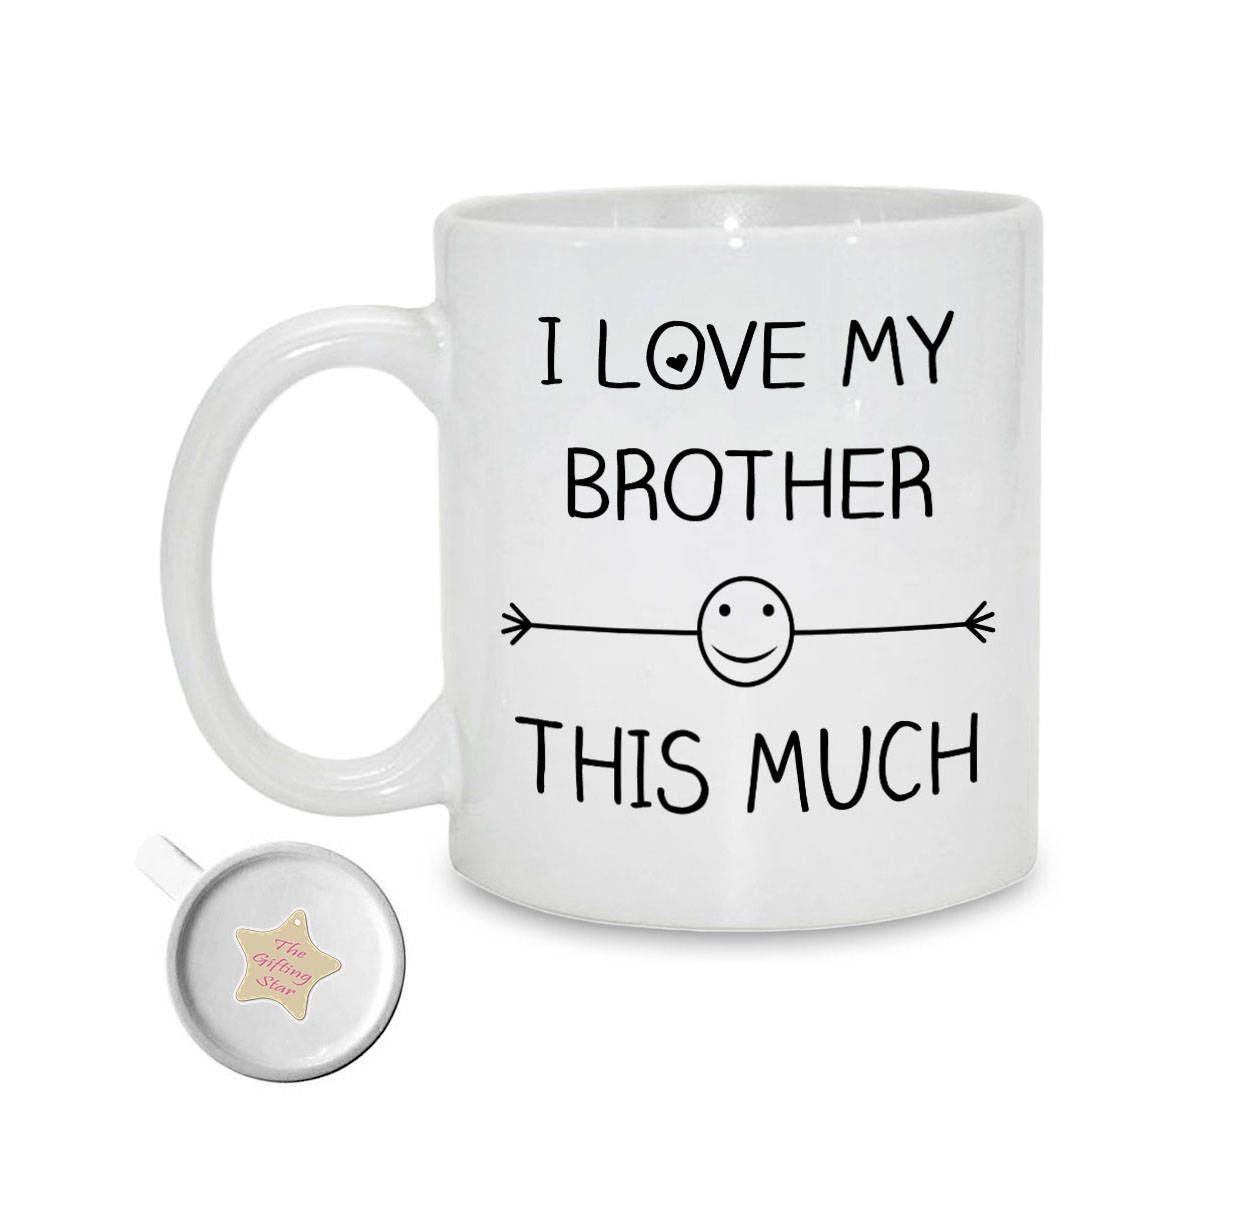 Ich liebe mein Bruder dieses viel Geschenk für Bruder | Etsy